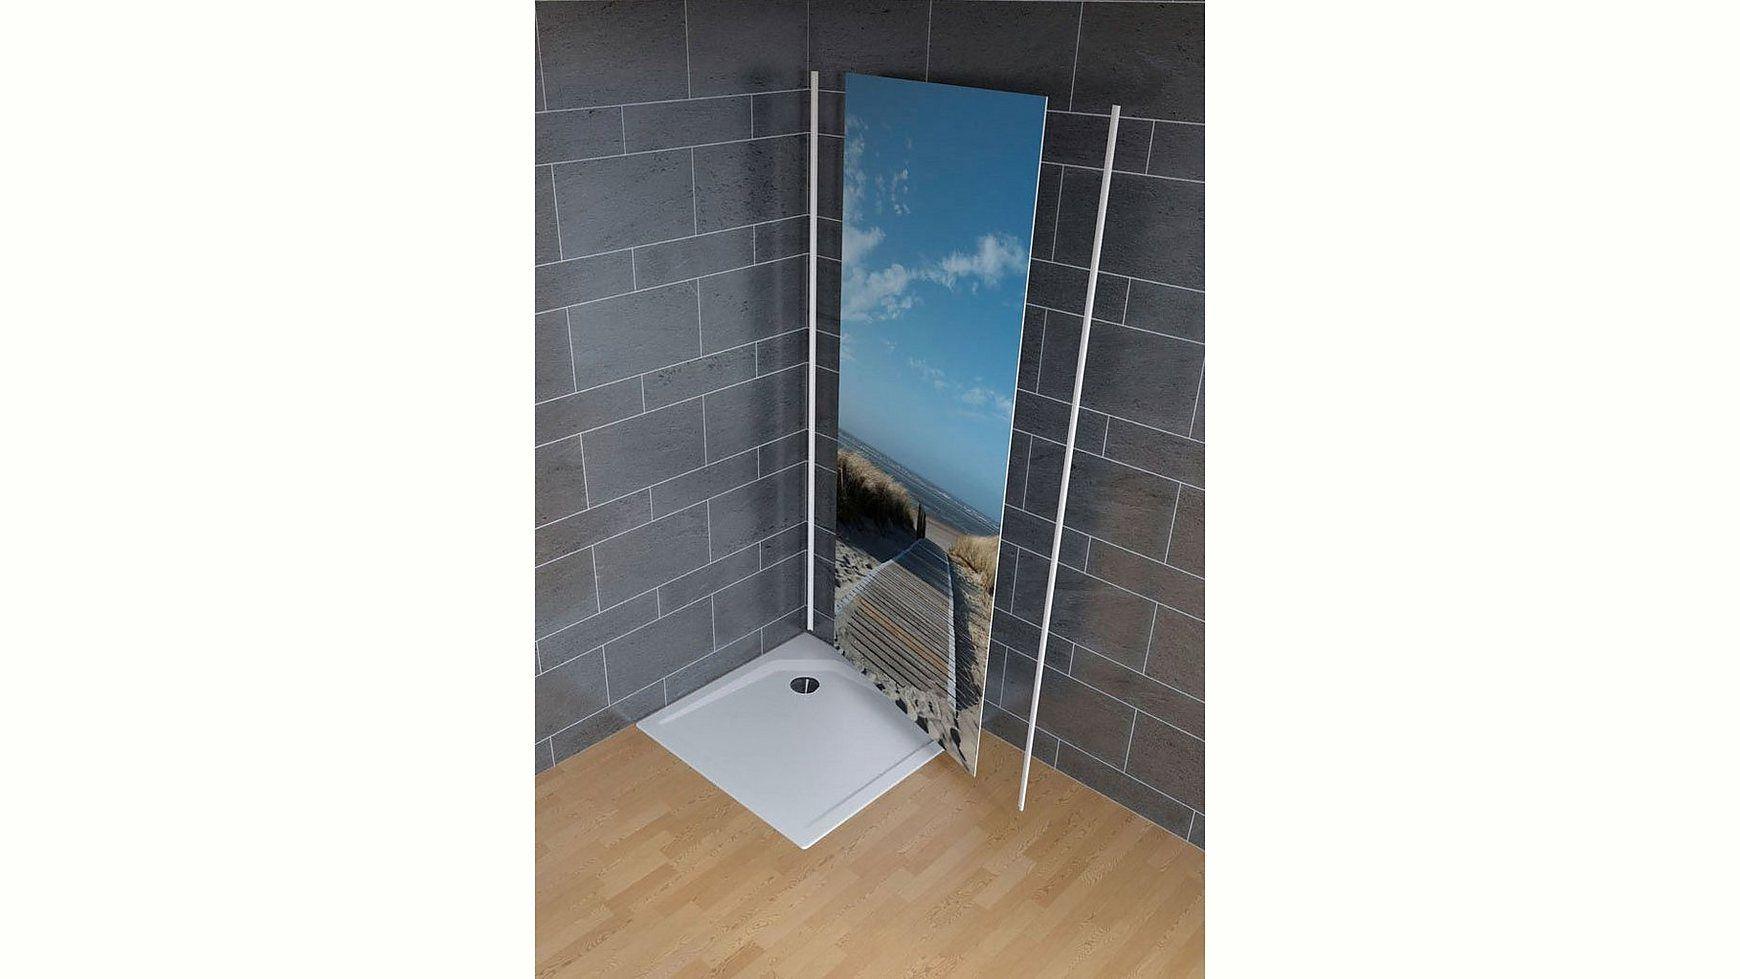 Produktdetailsmaterialstarke 3 Mmanwendungsbereich Dusche Raume Badezimmer Oberflache Hochg Ottobaumarkt Schulte Schu In 2020 Duschruckwand Dusche Foto Blau